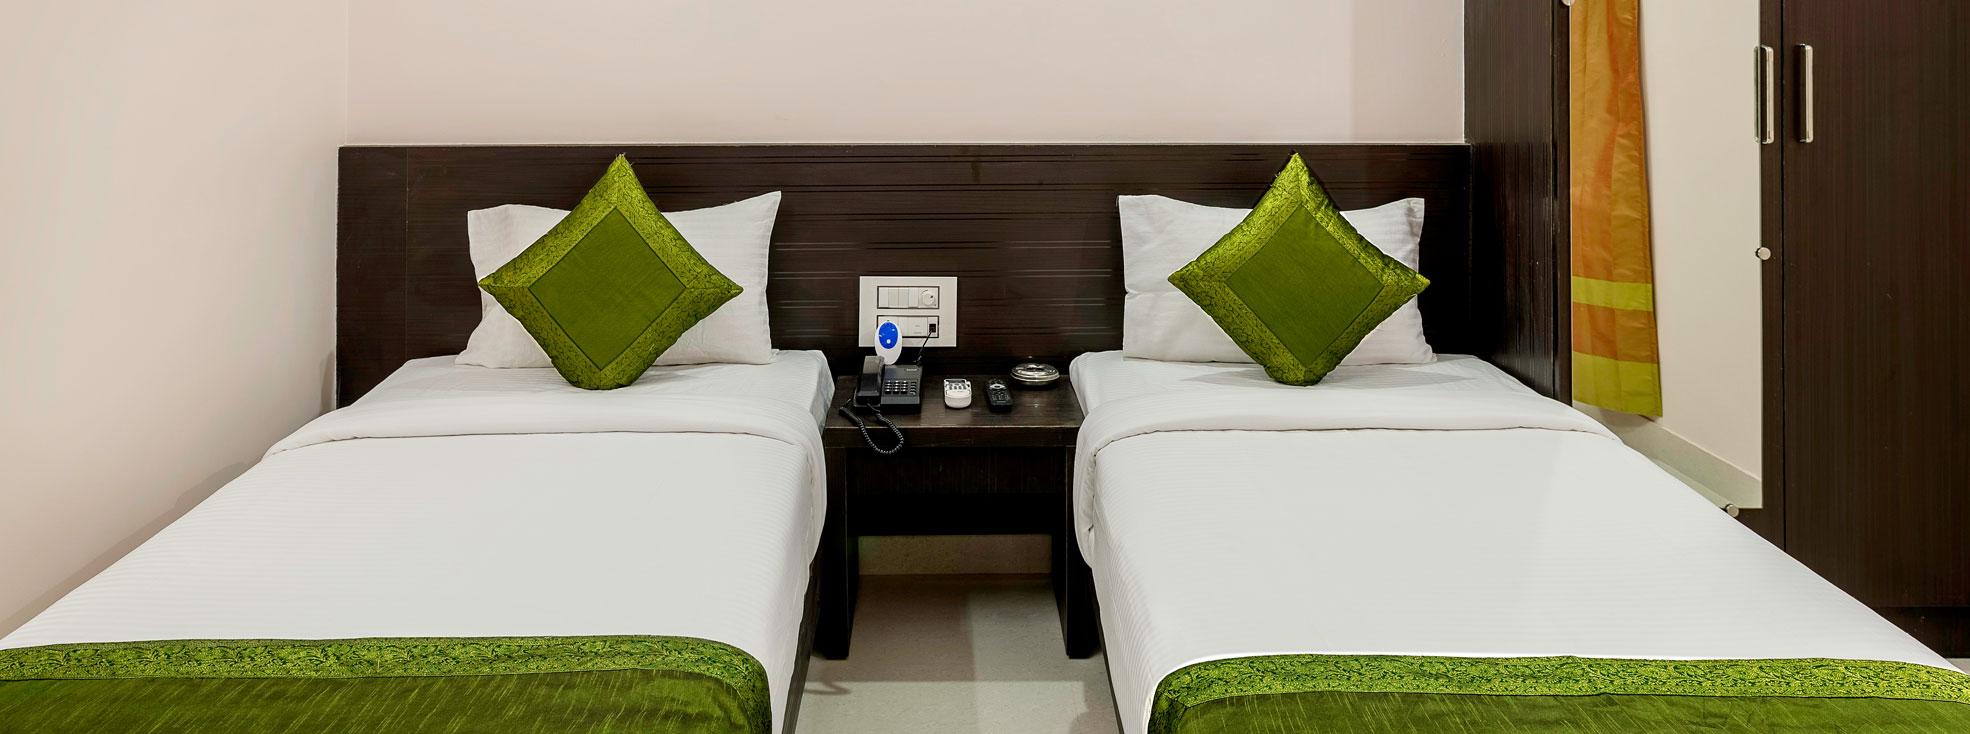 https://www.ogabnb.com/images/hotels/t9ur2c1eh9zloo967k11.jpg